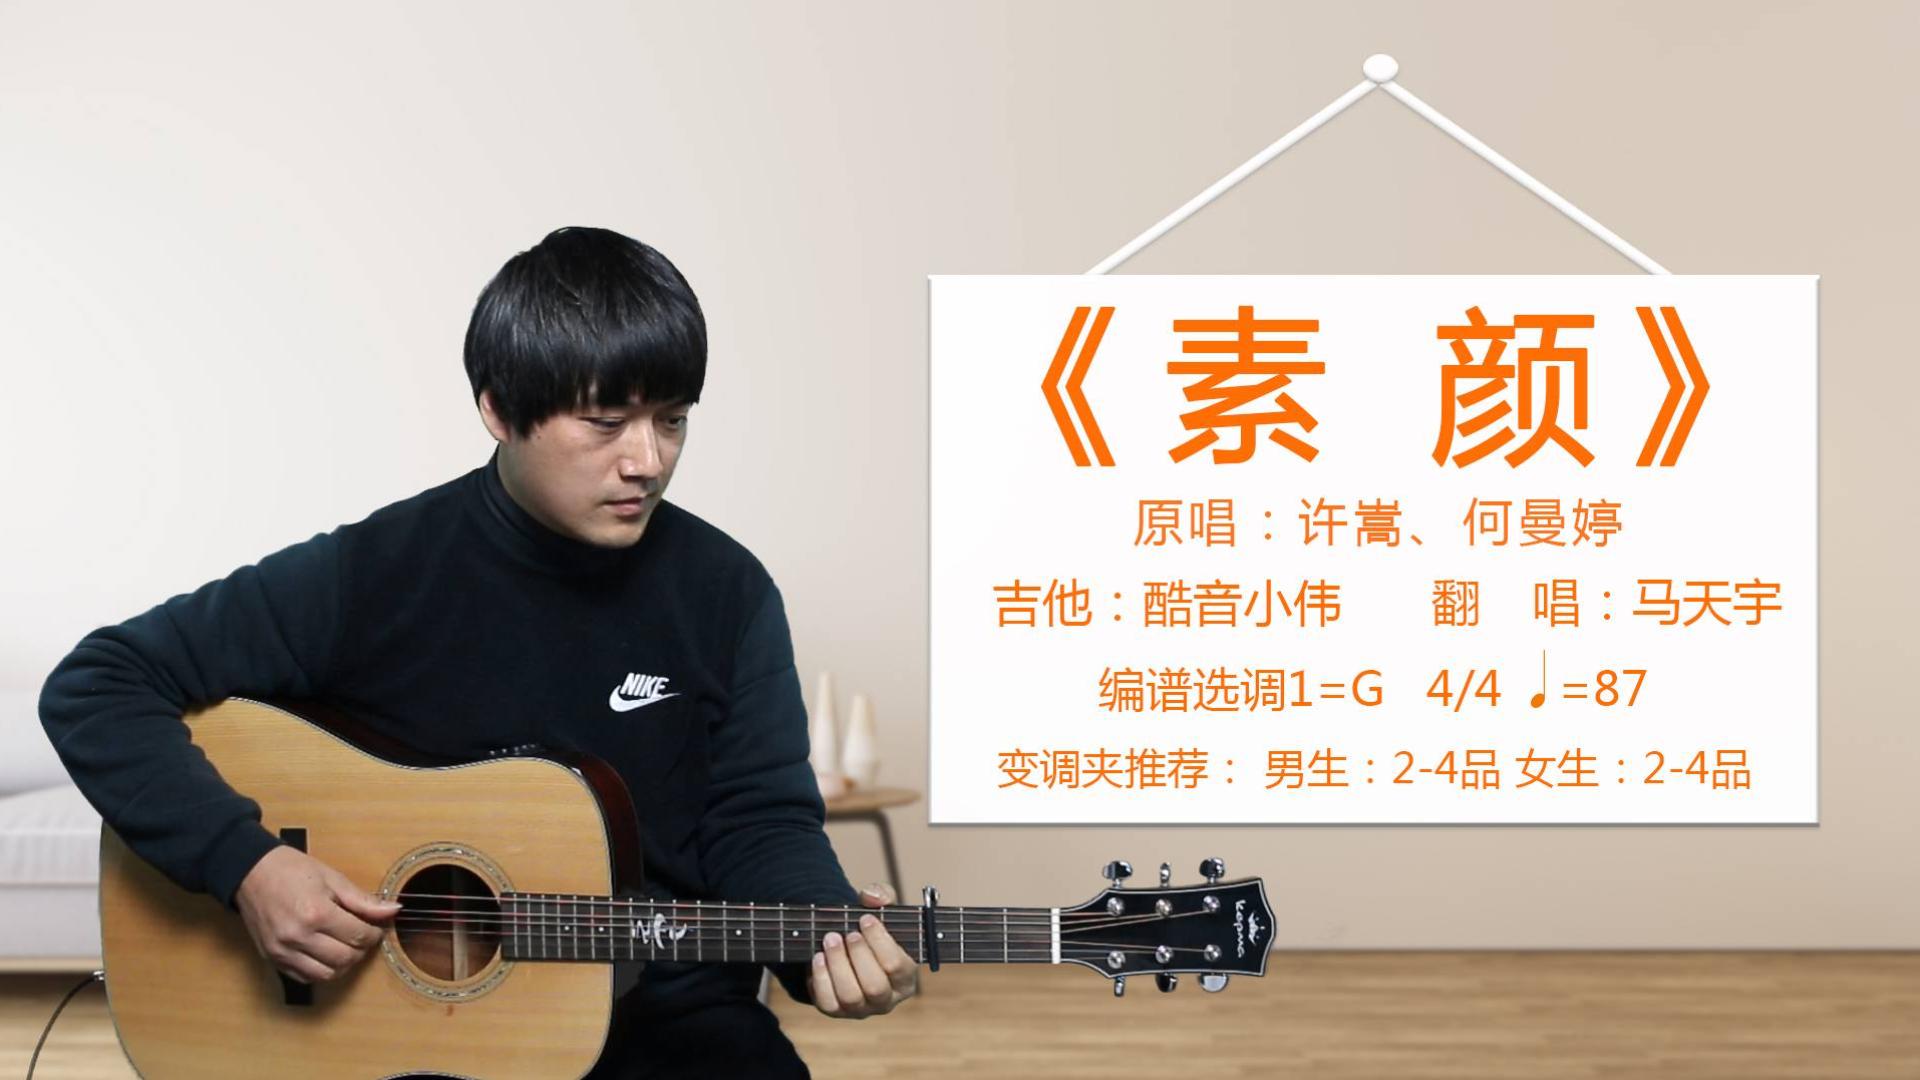 《素颜》许嵩 何曼婷酷音小伟吉他弹唱教学自学教程